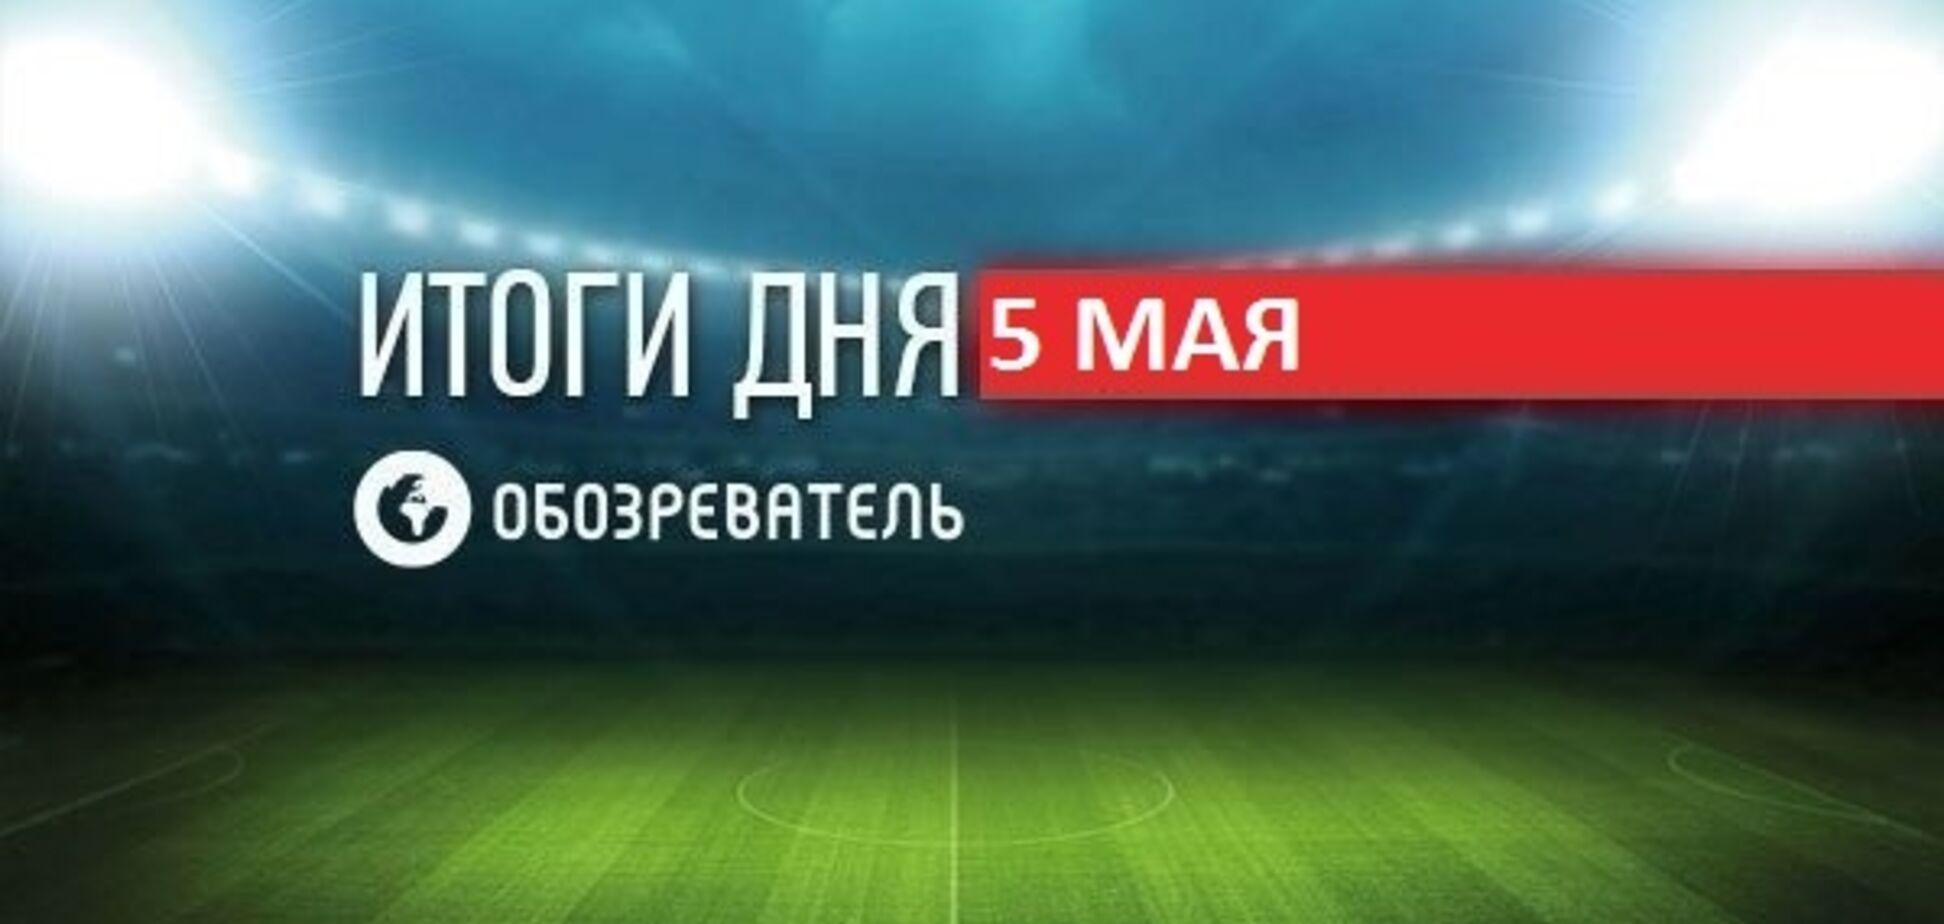 Ребров выгнал из команды футболиста сборной Украины: спортивные итоги 5 мая